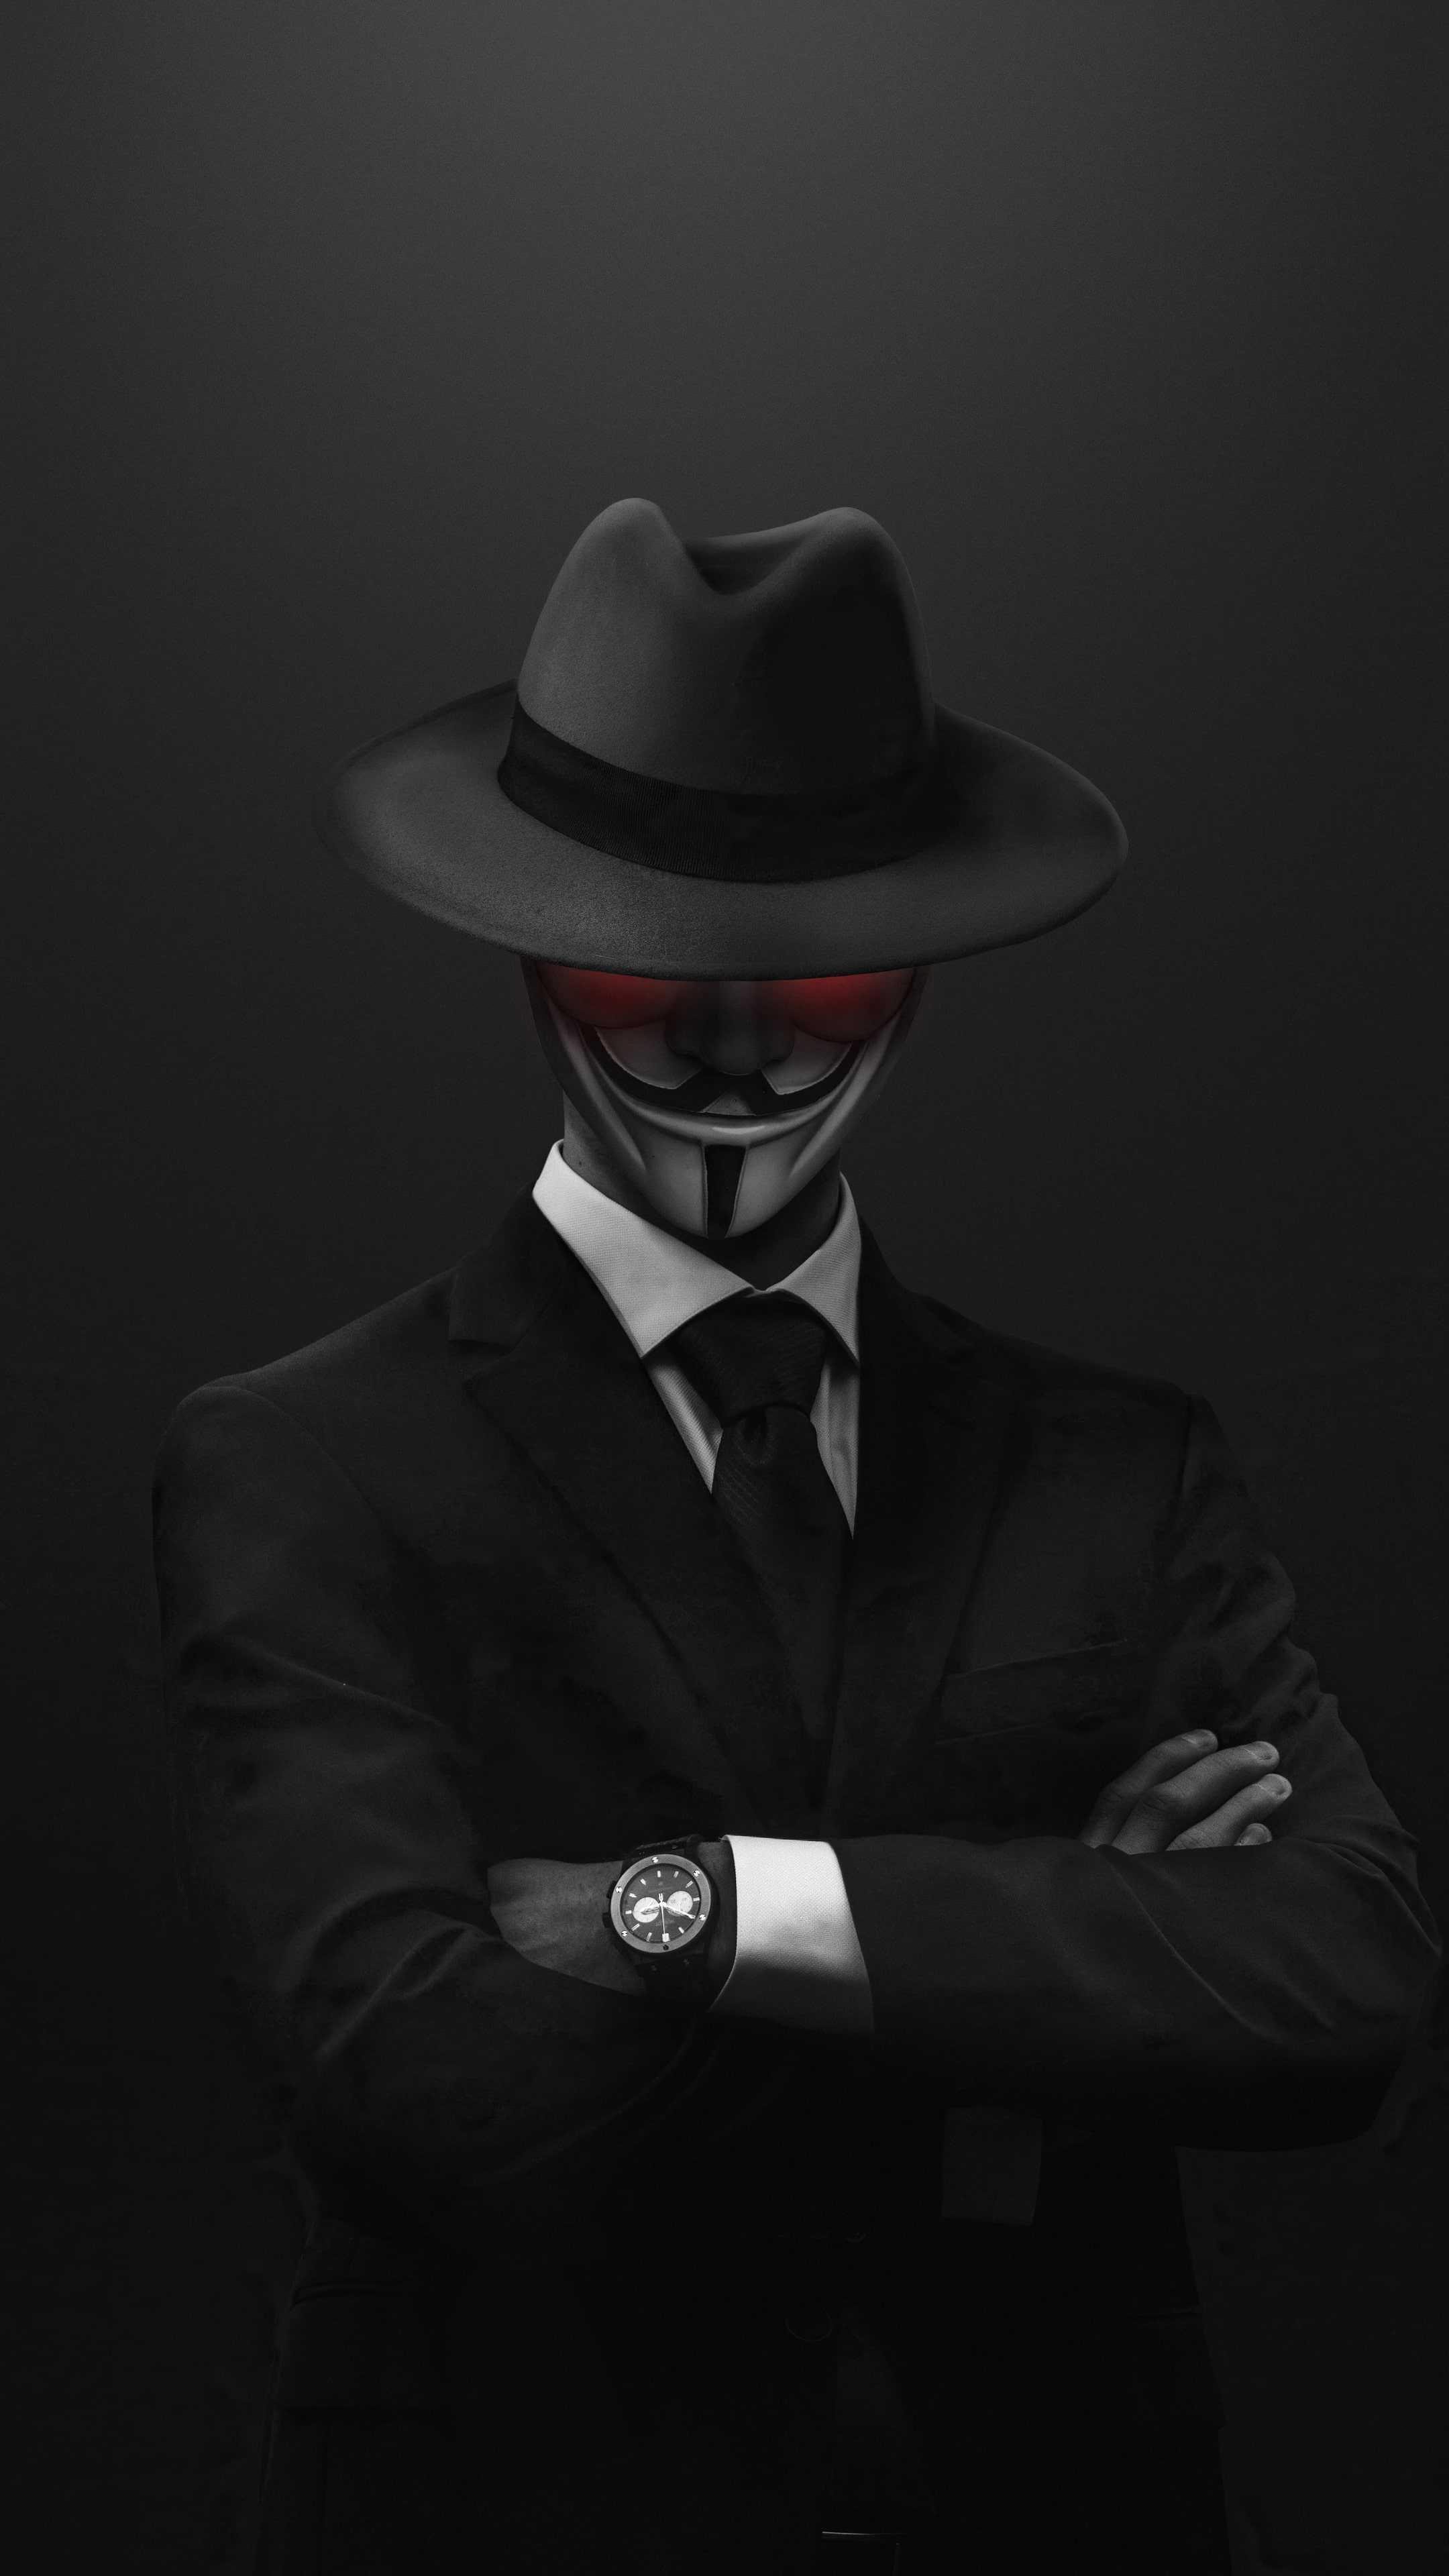 Mafia Wallpaper Hd